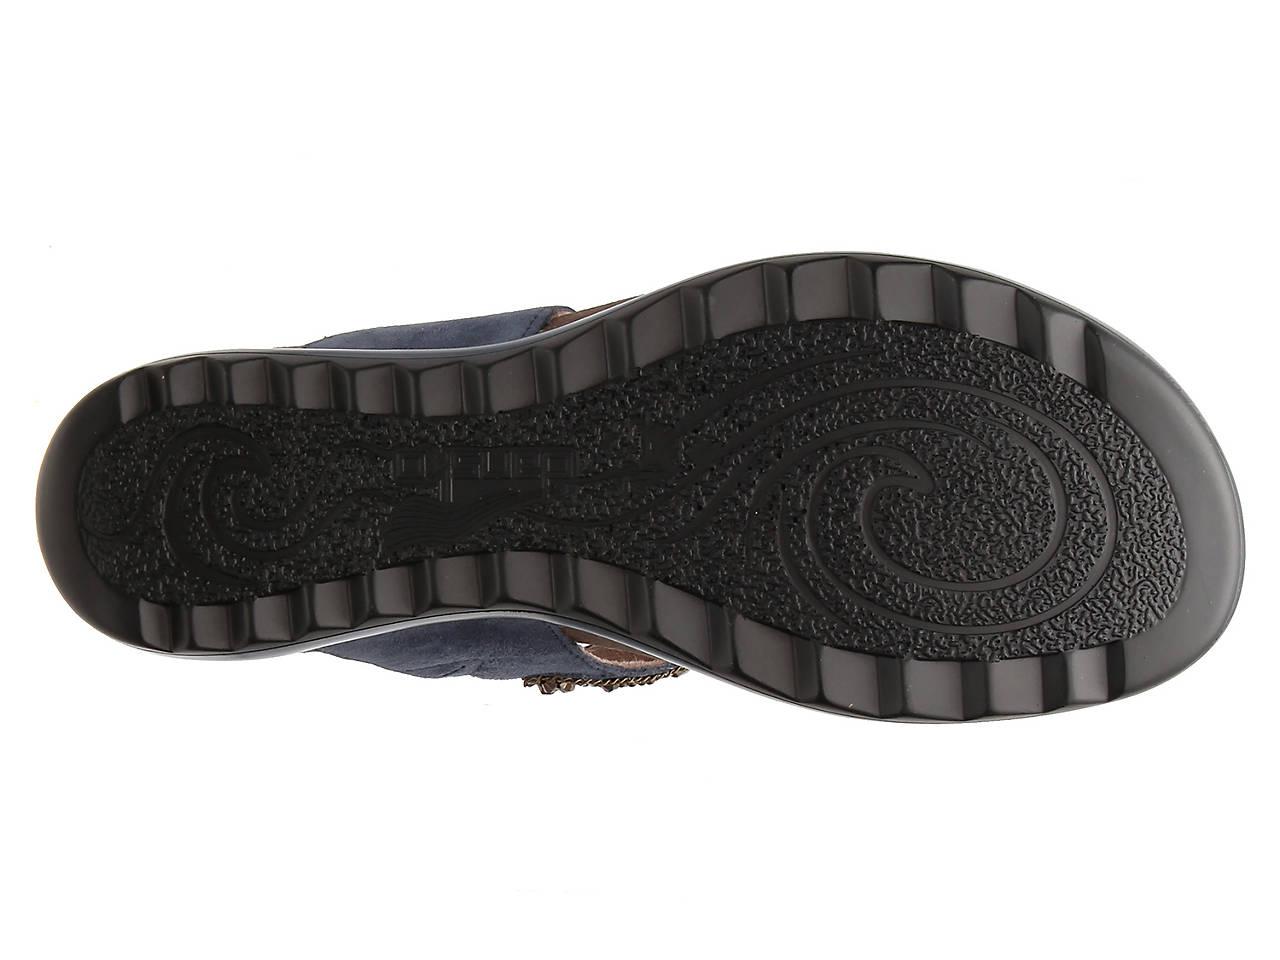 b4e1b6eb322 Dansko Pamela Wedge Sandal Men s Shoes